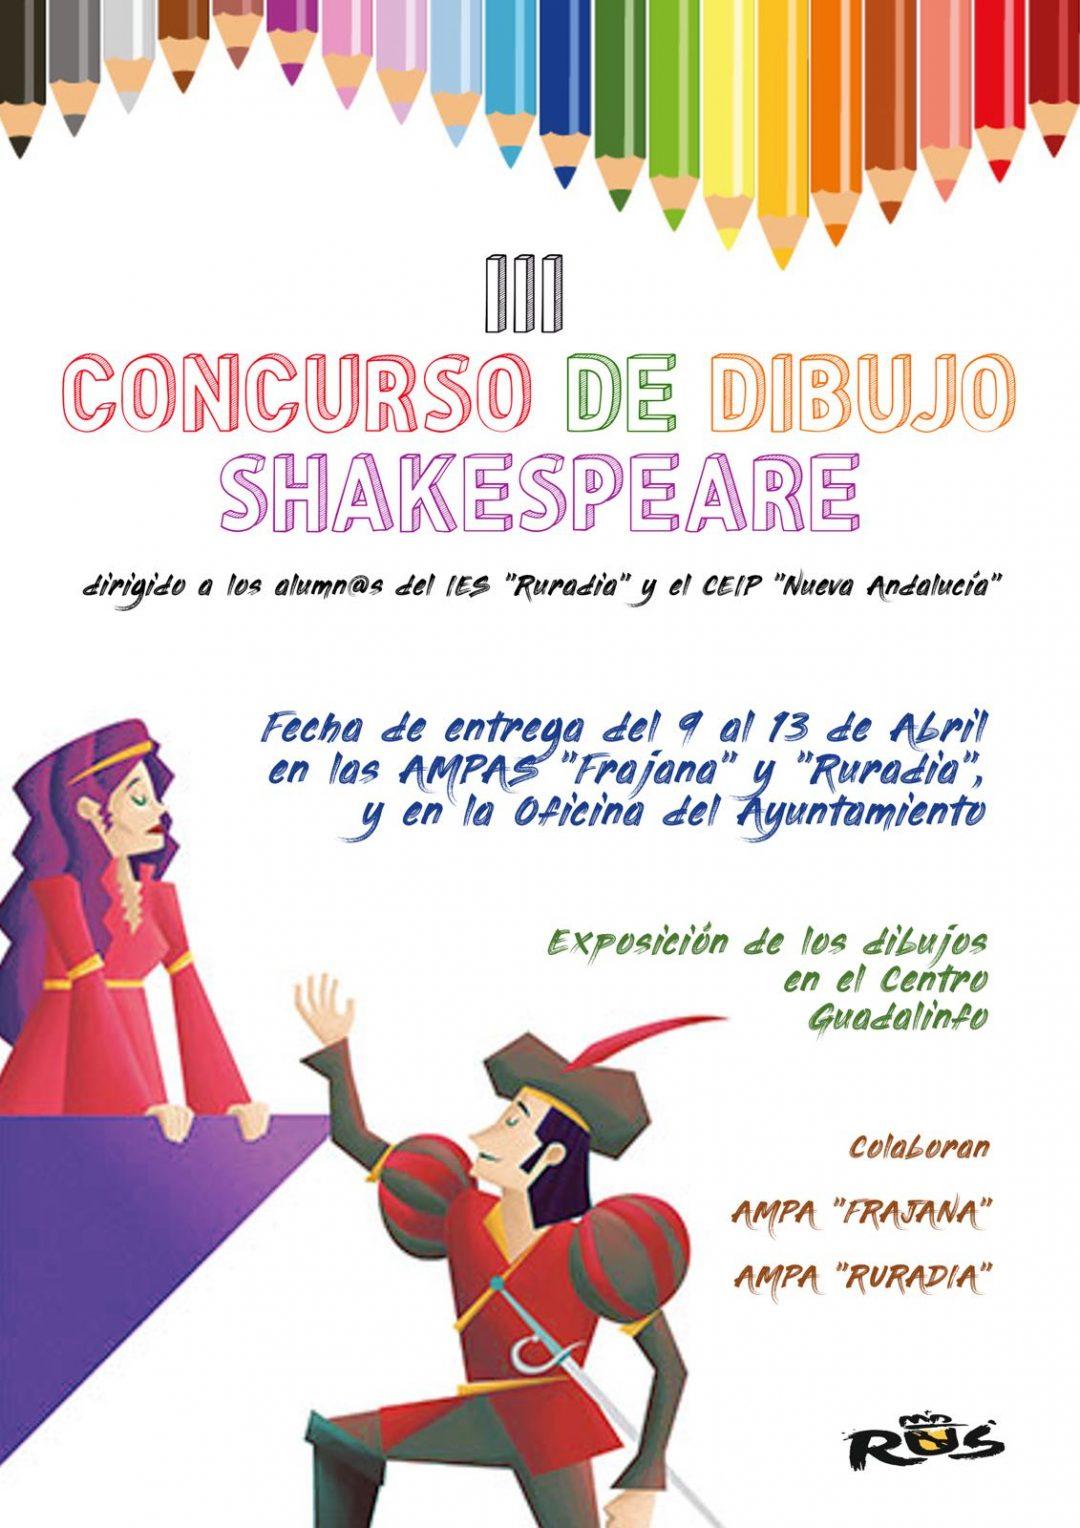 III Concurso de Dibujo Shakespeare